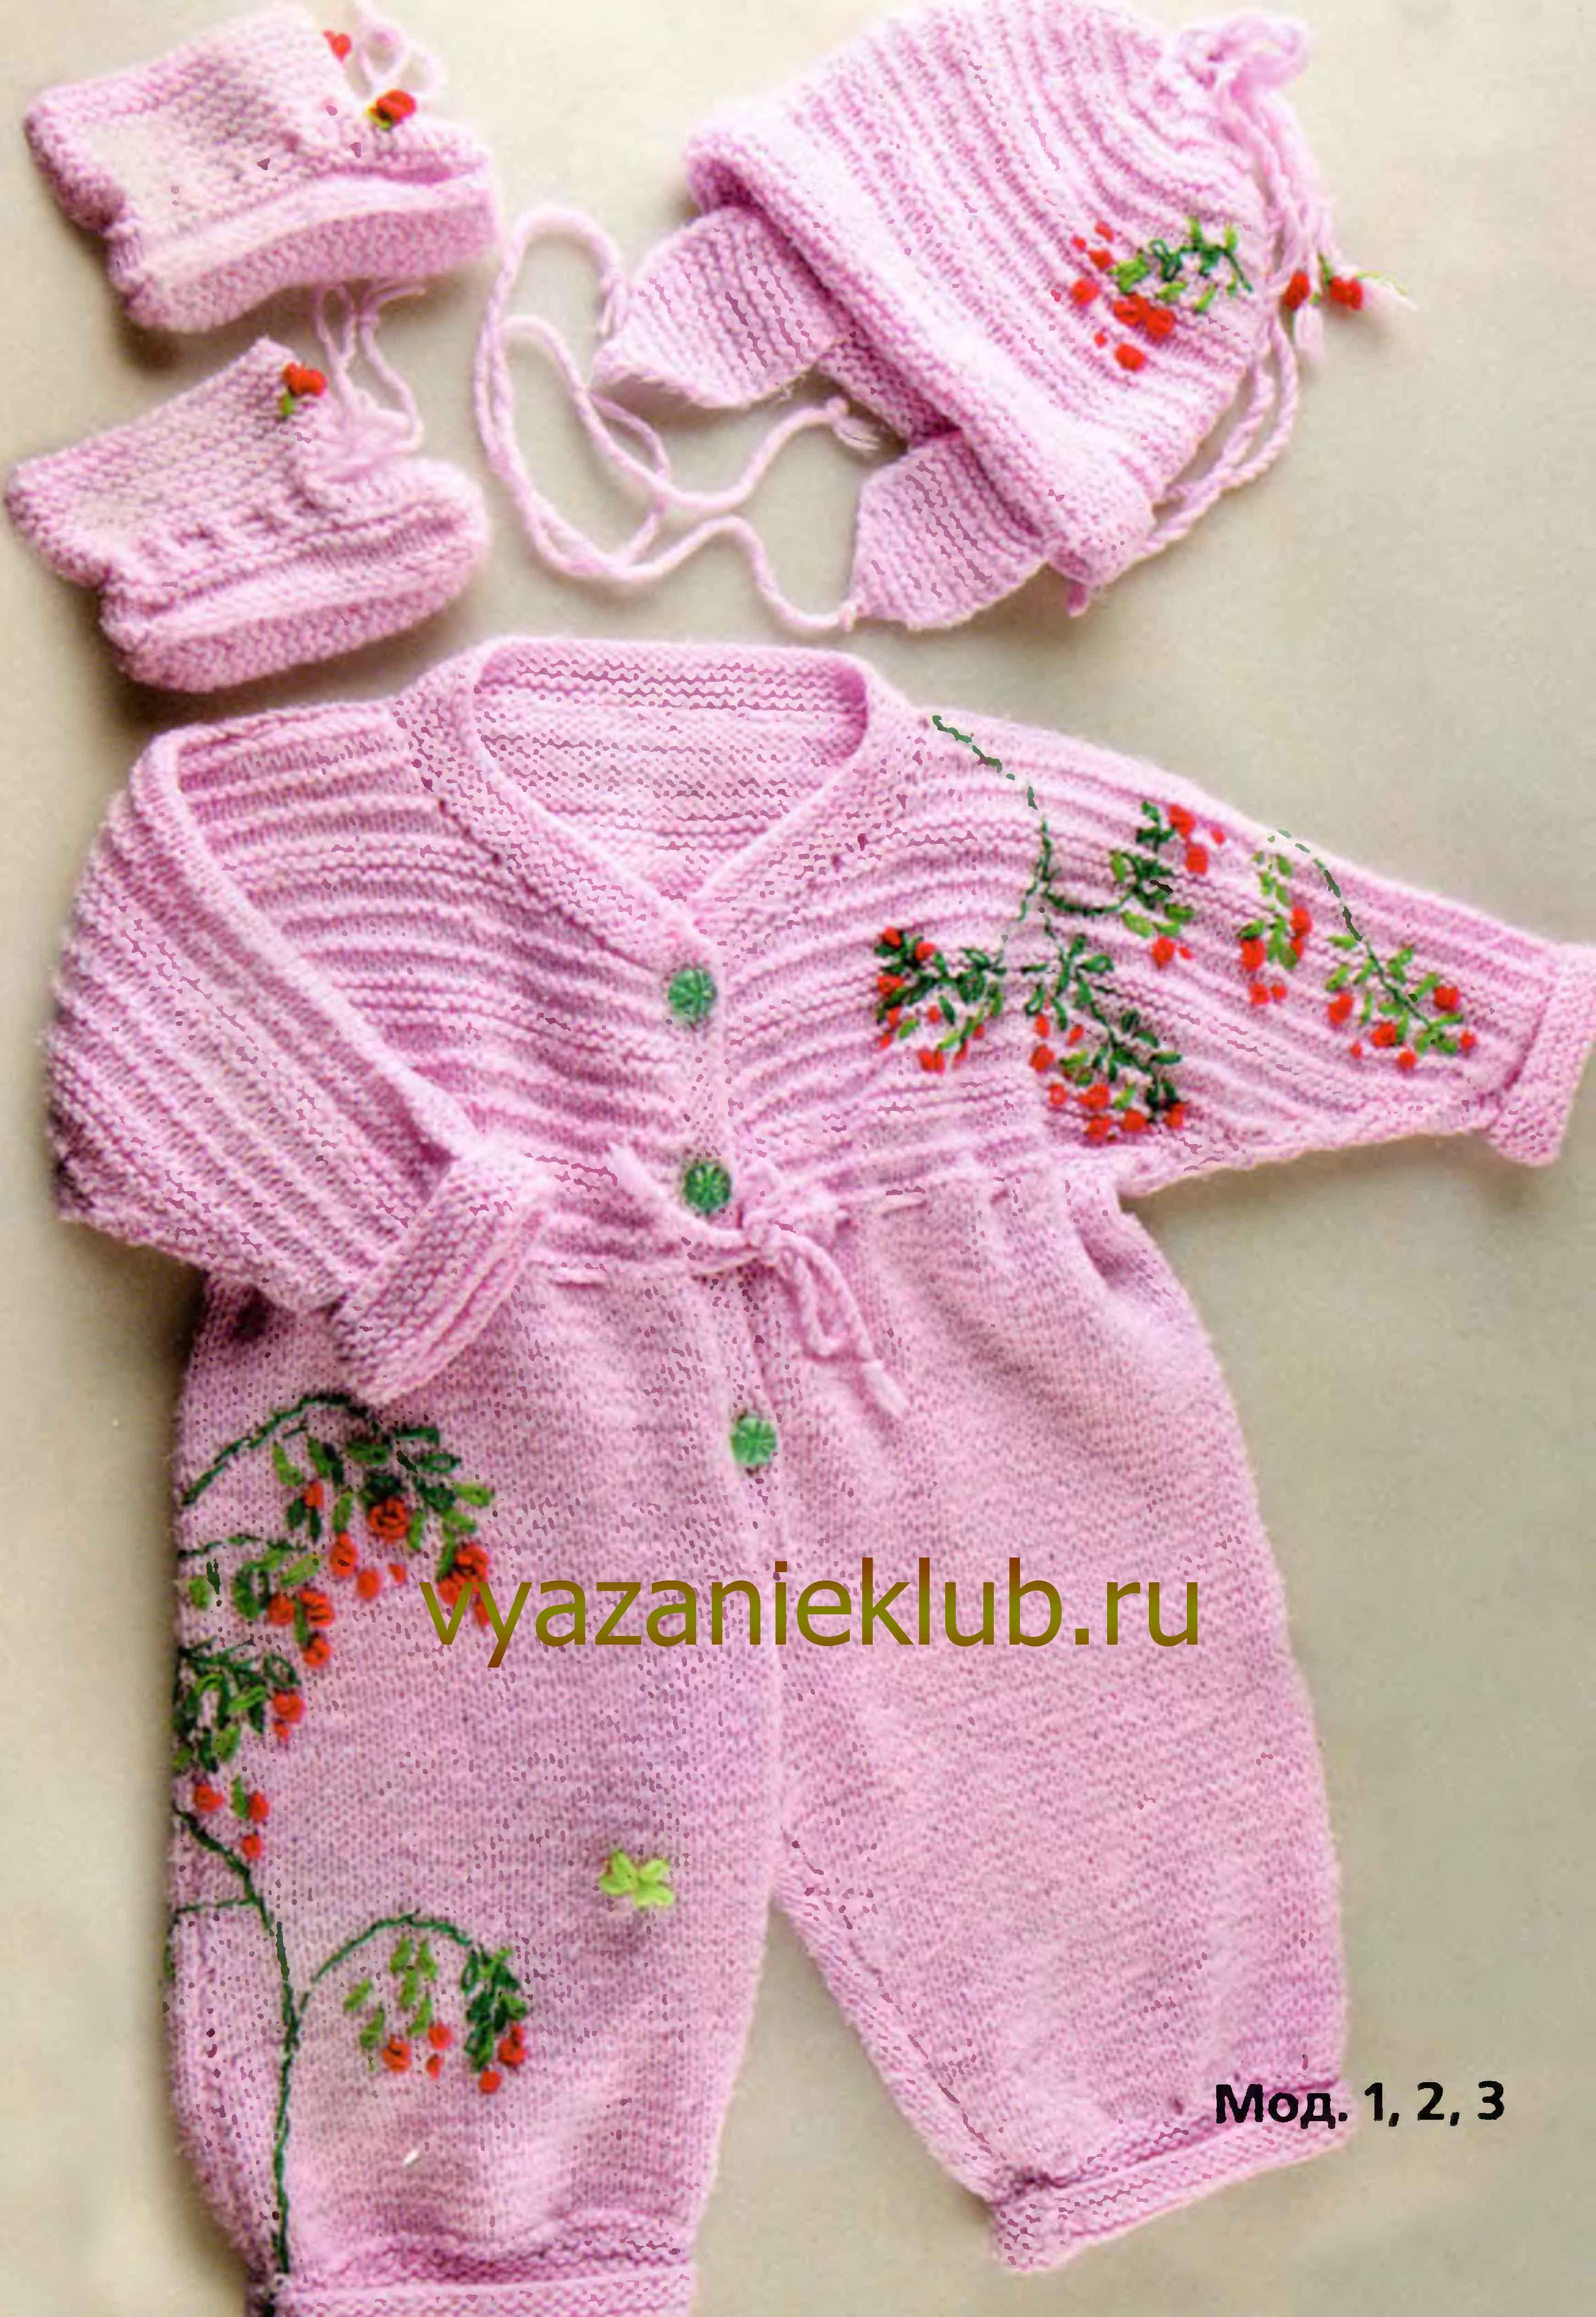 Вязаные костюмы для новорожденных со схемами и описанием